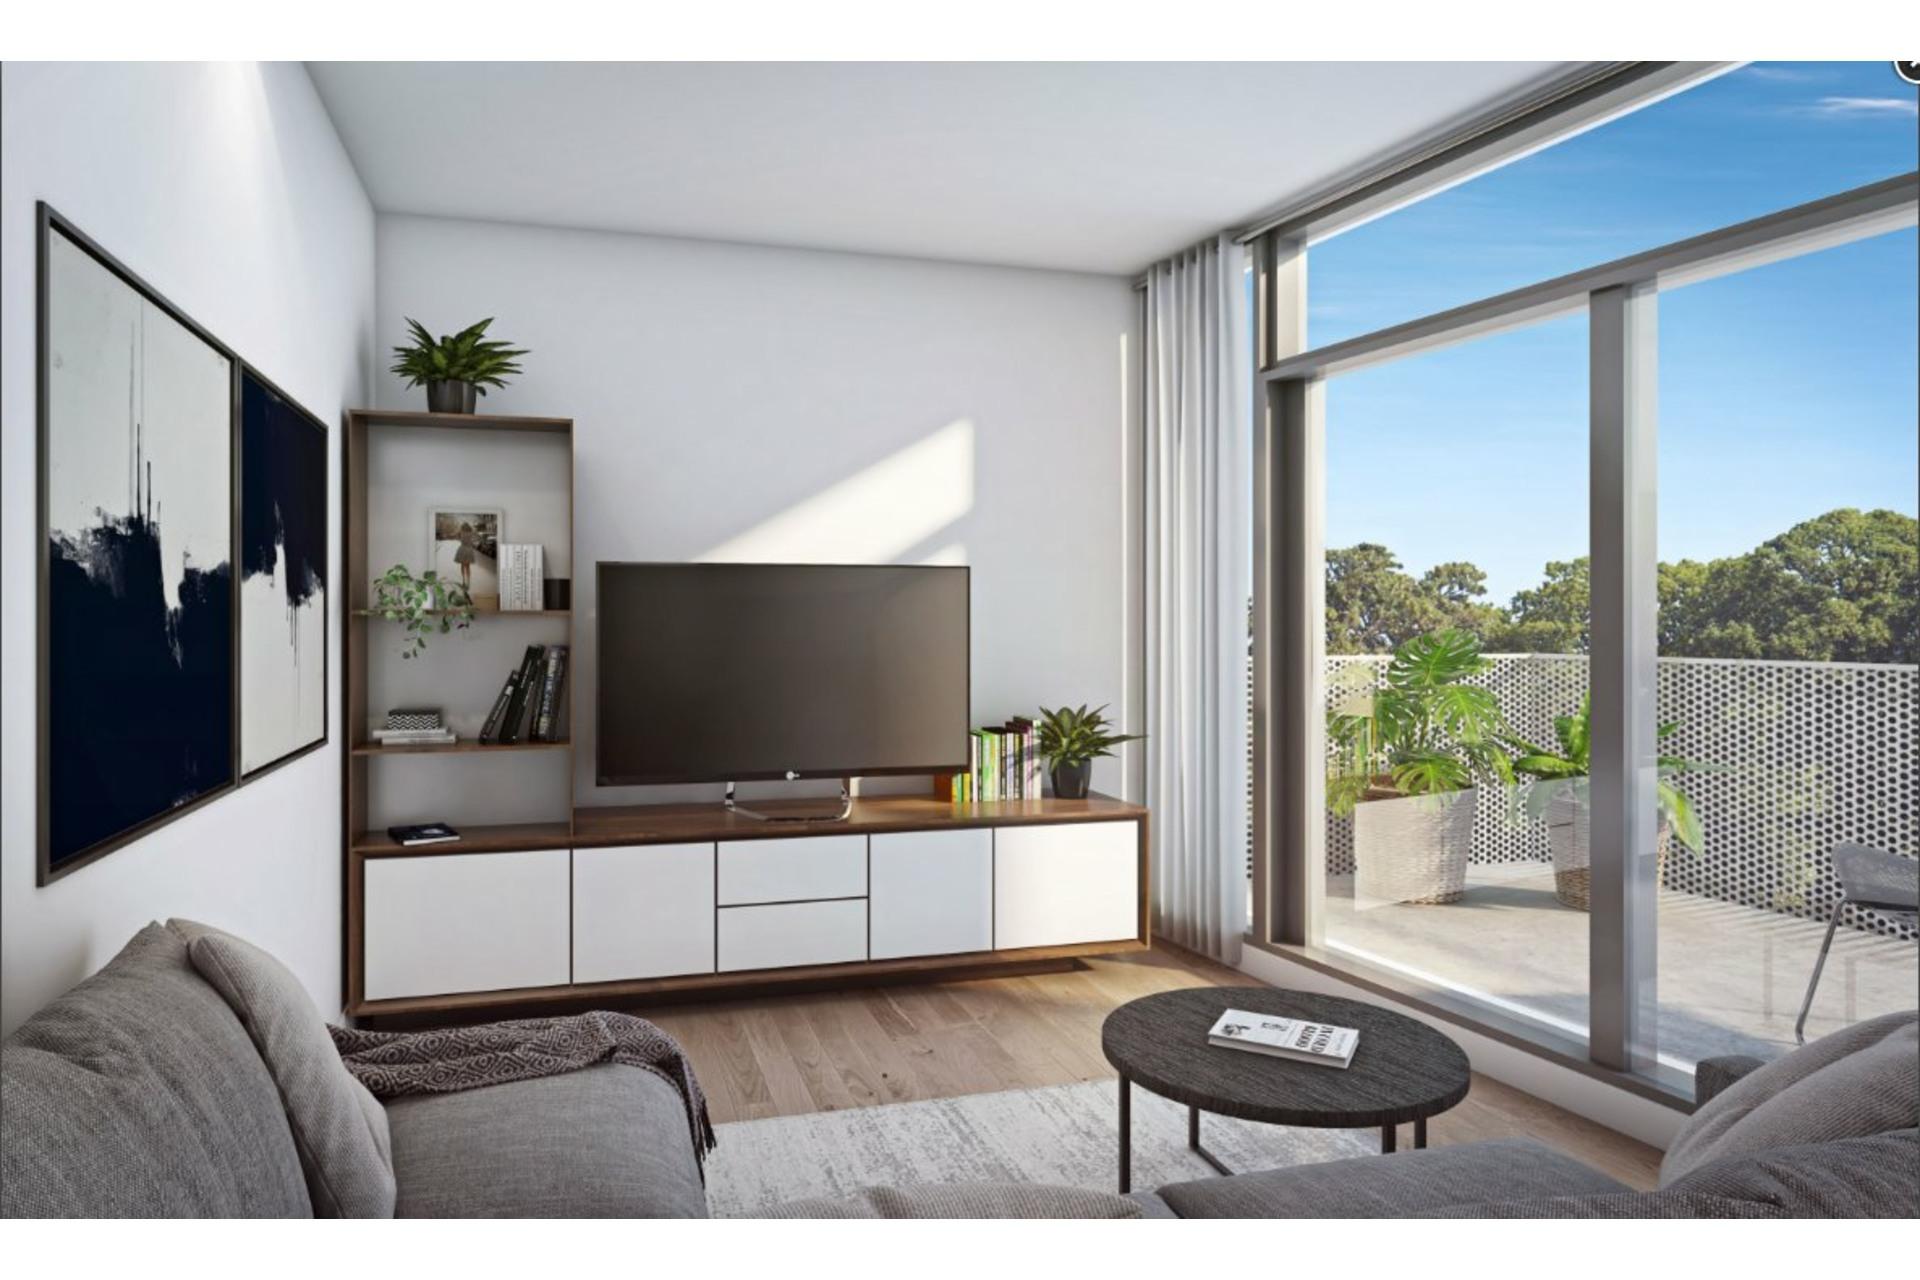 image 2 - Appartement À vendre Montréal Rosemont/La Petite-Patrie  - 6 pièces